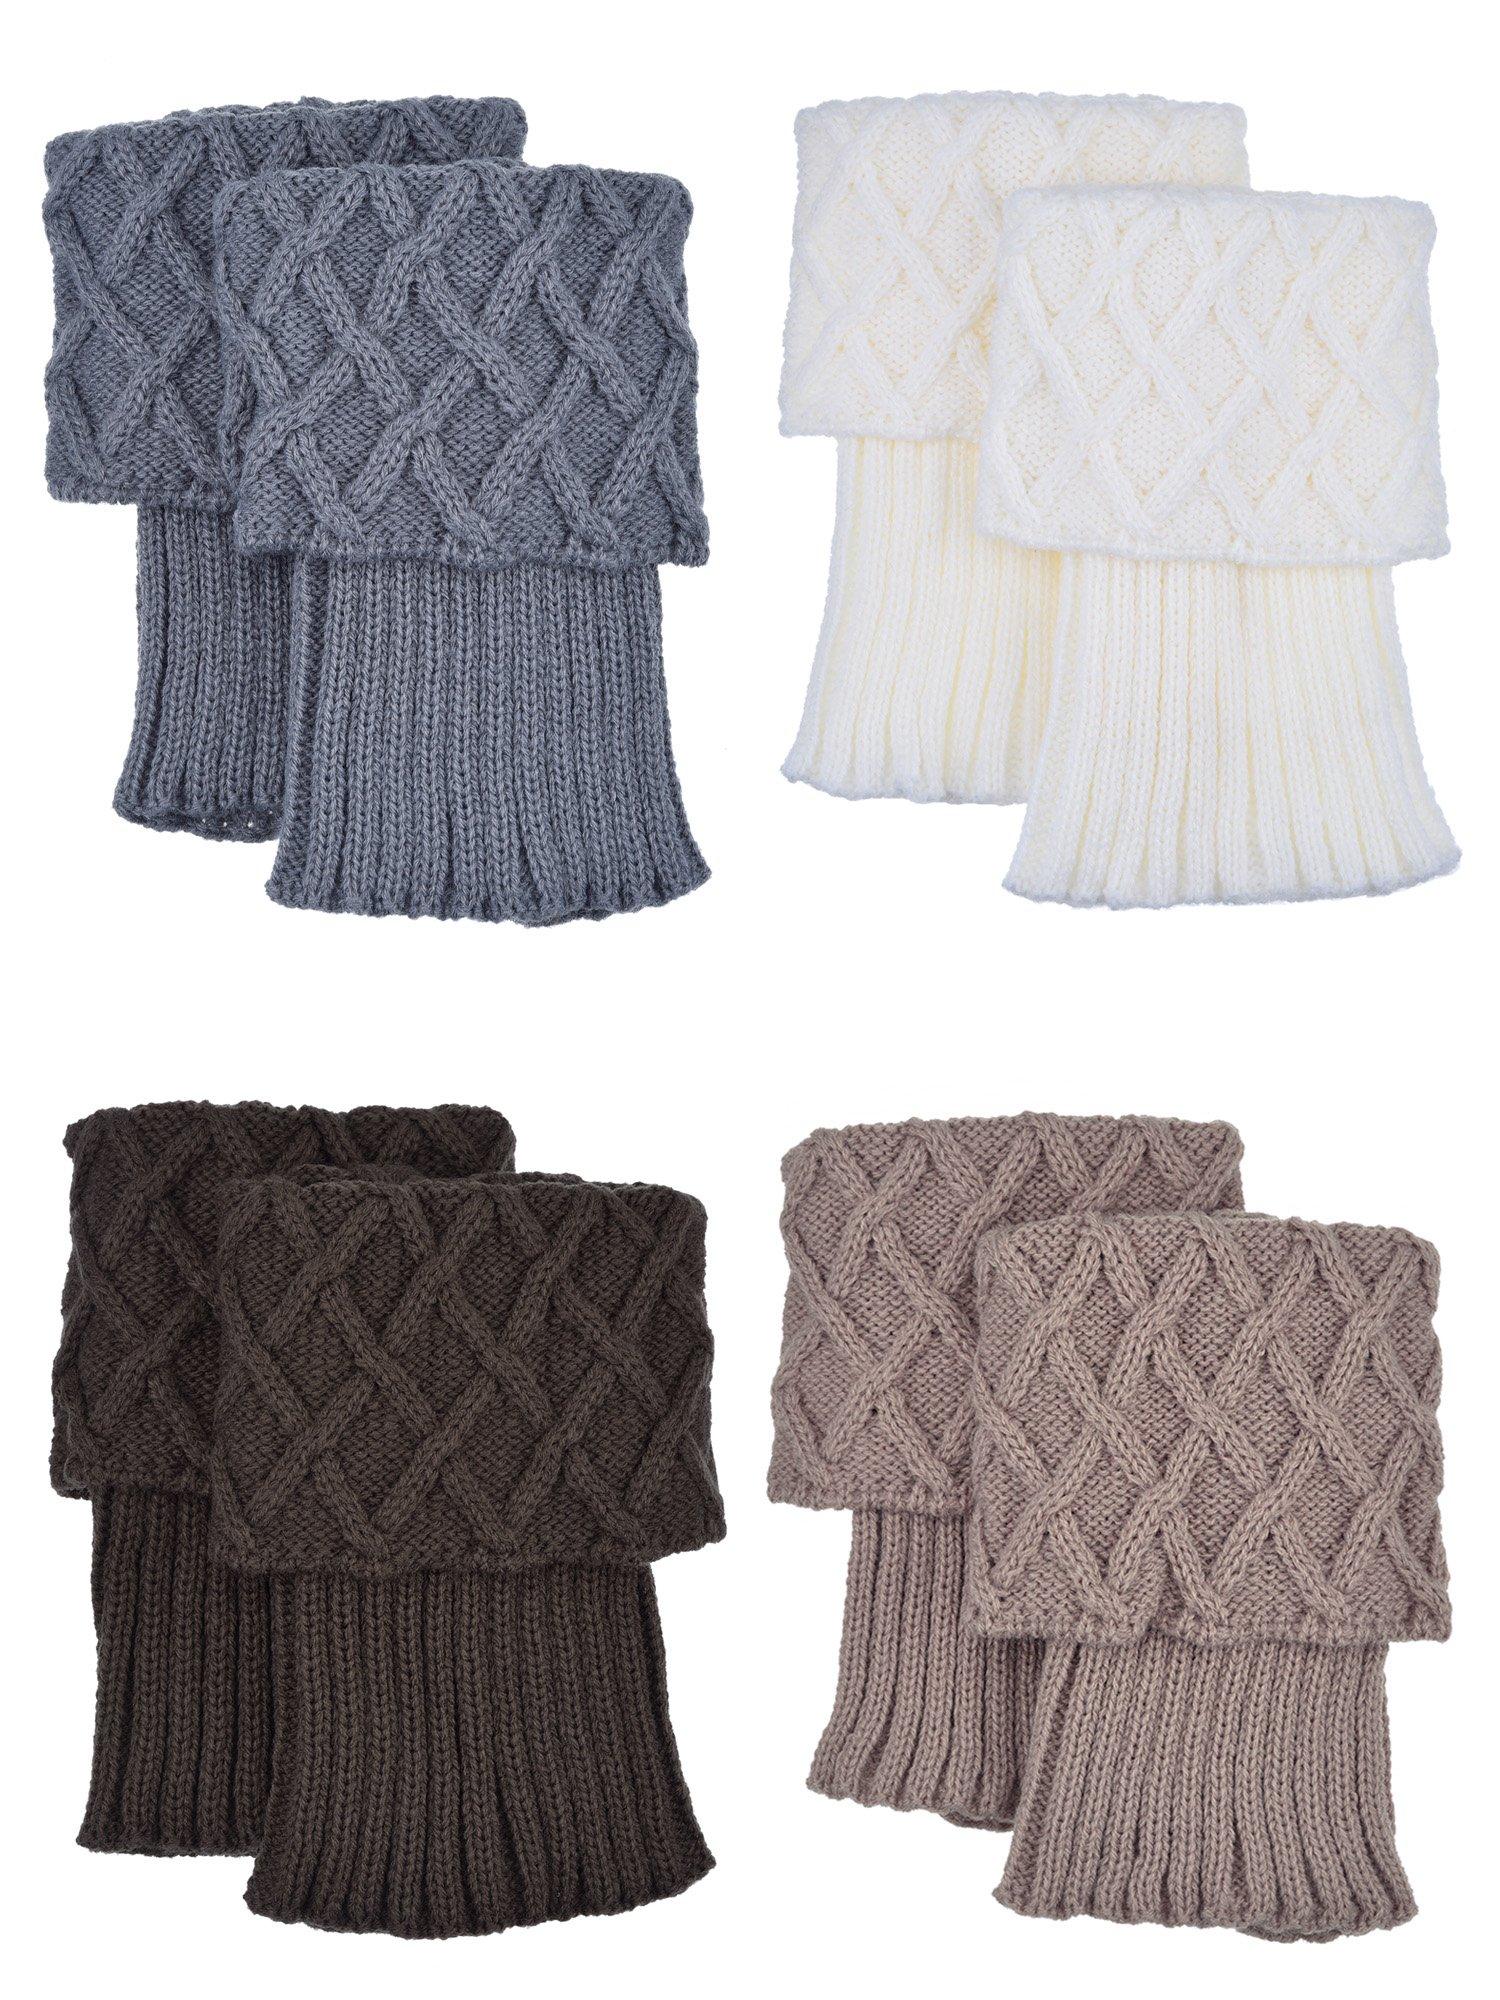 Shappy Women Boot Topper Socks Crochet Cuffs Knit Leg Warmers, 4 Pair